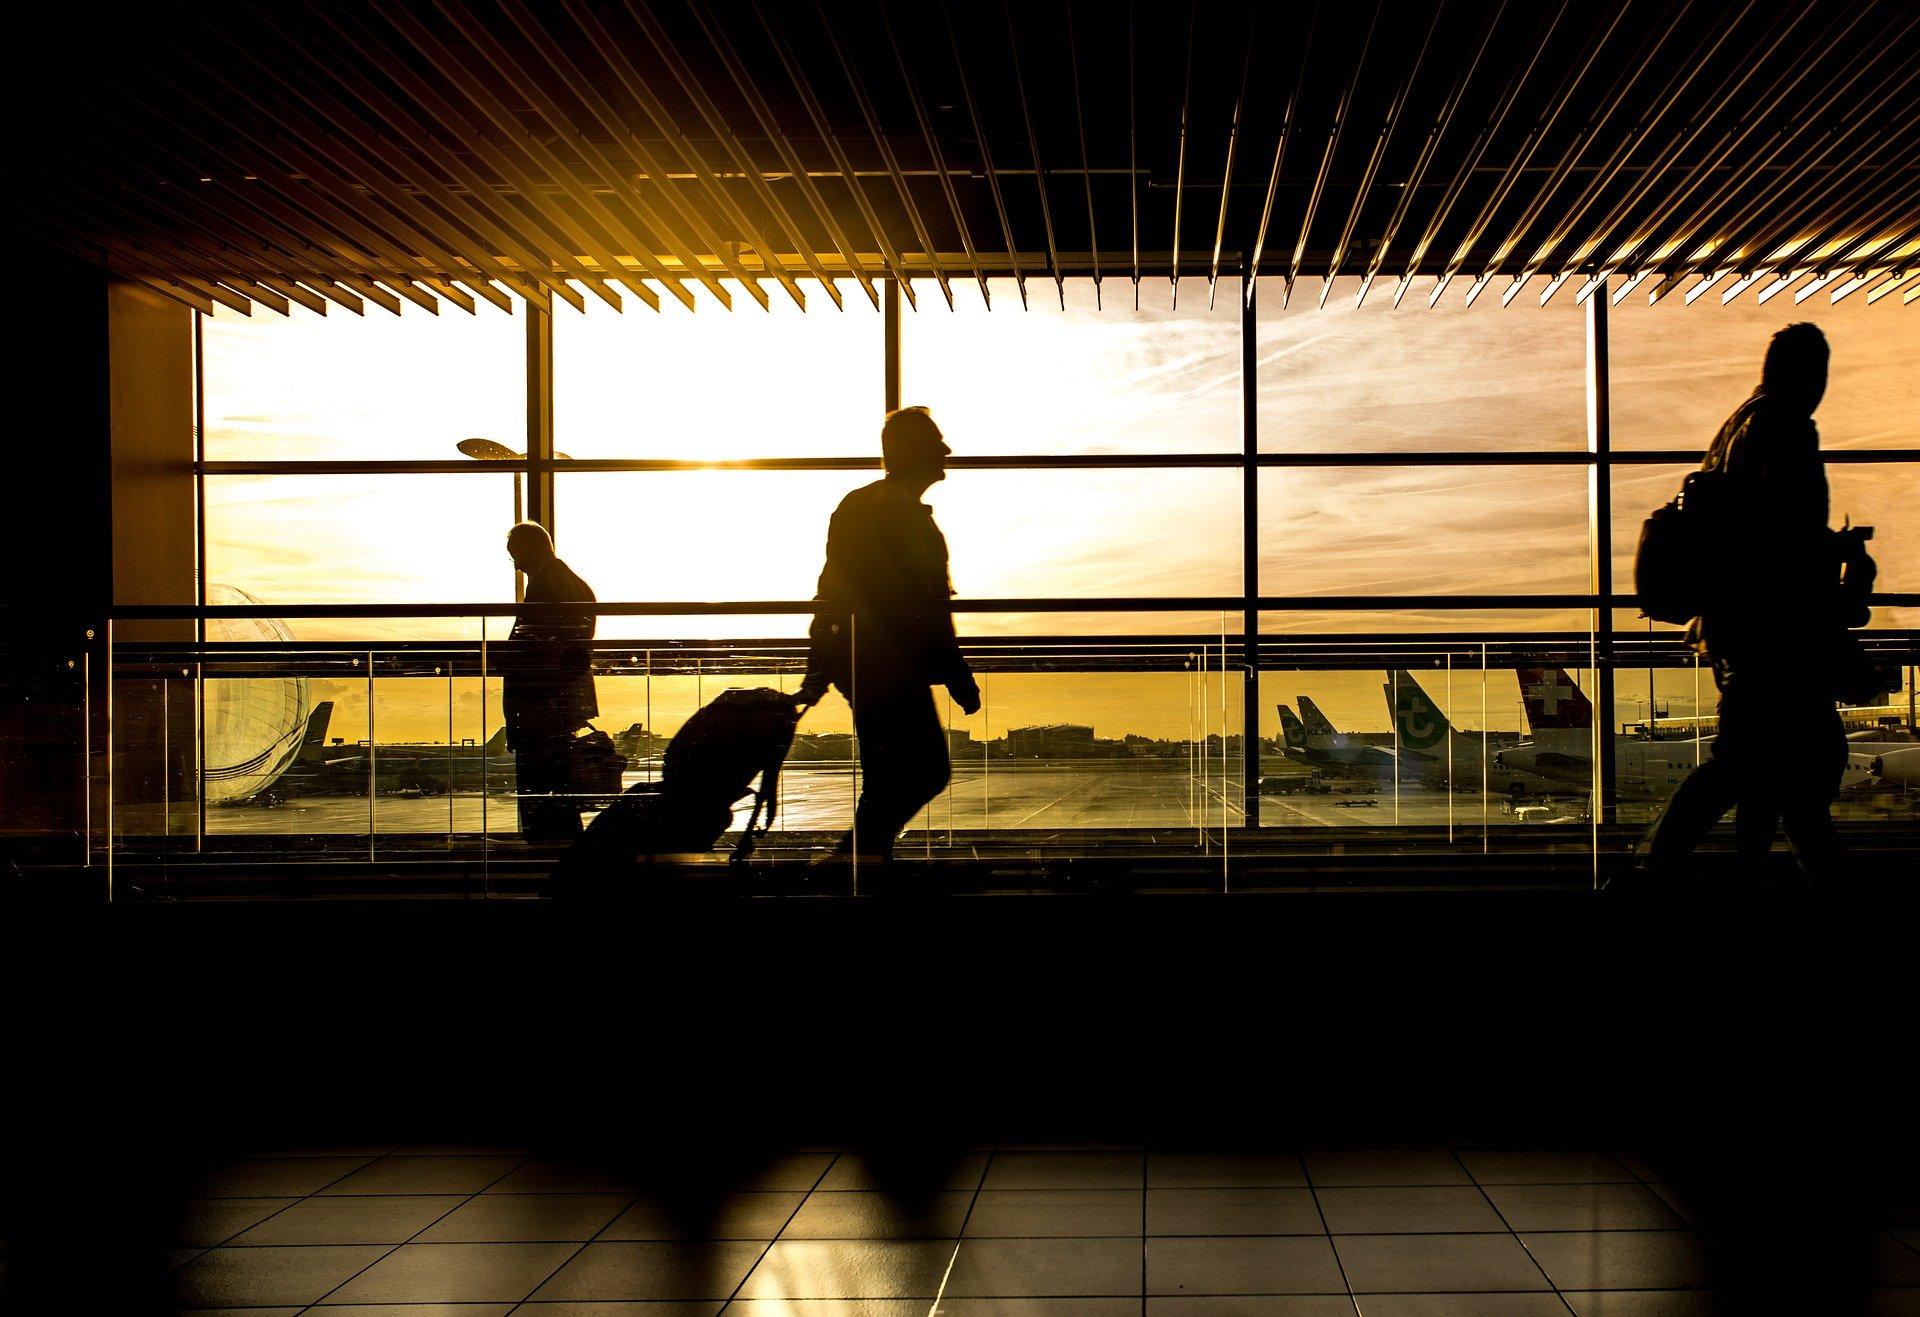 Reglas de viaje Escocia: ¿Cuáles son las nuevas reglas de prueba para viajes internacionales al Reino Unido?